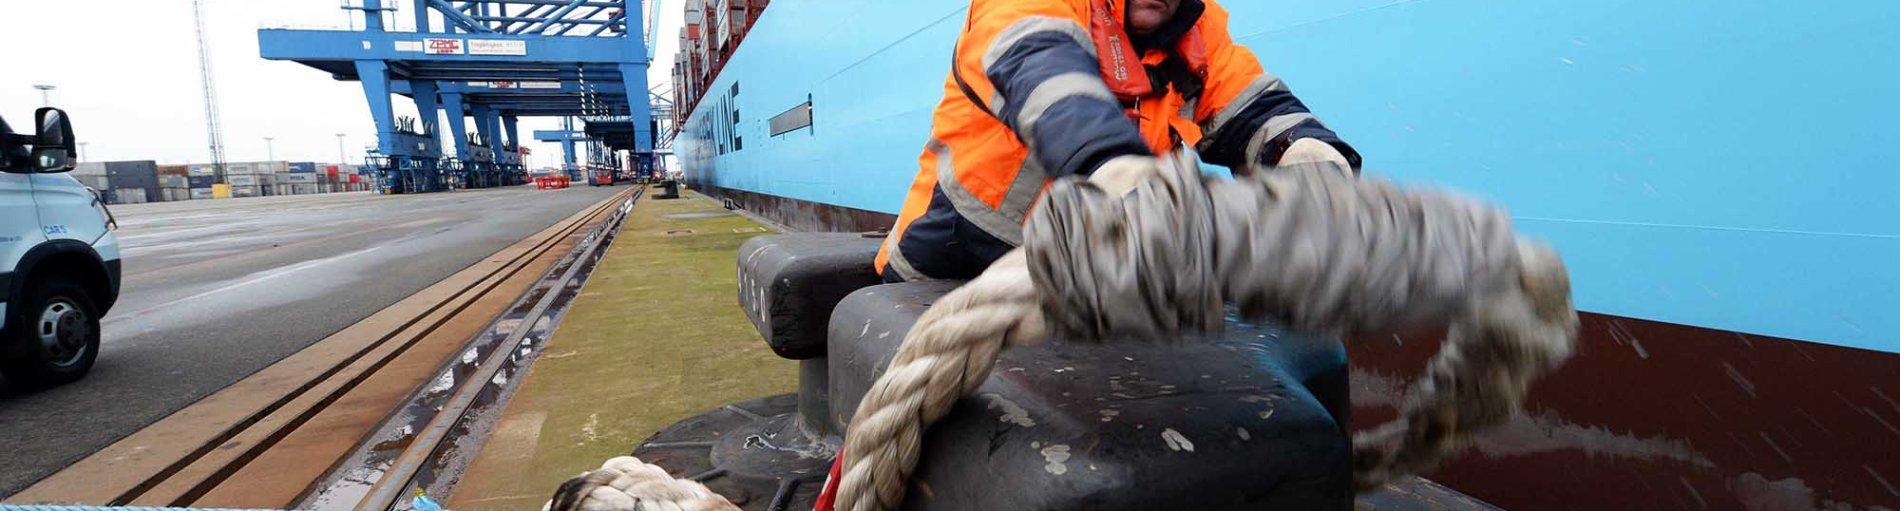 Die Morten Maersk wird von einem Hafenarbeiter am Container Terminal in Bremerhaven vertäut (Quelle: bremenports und BLG LOGISTICS)